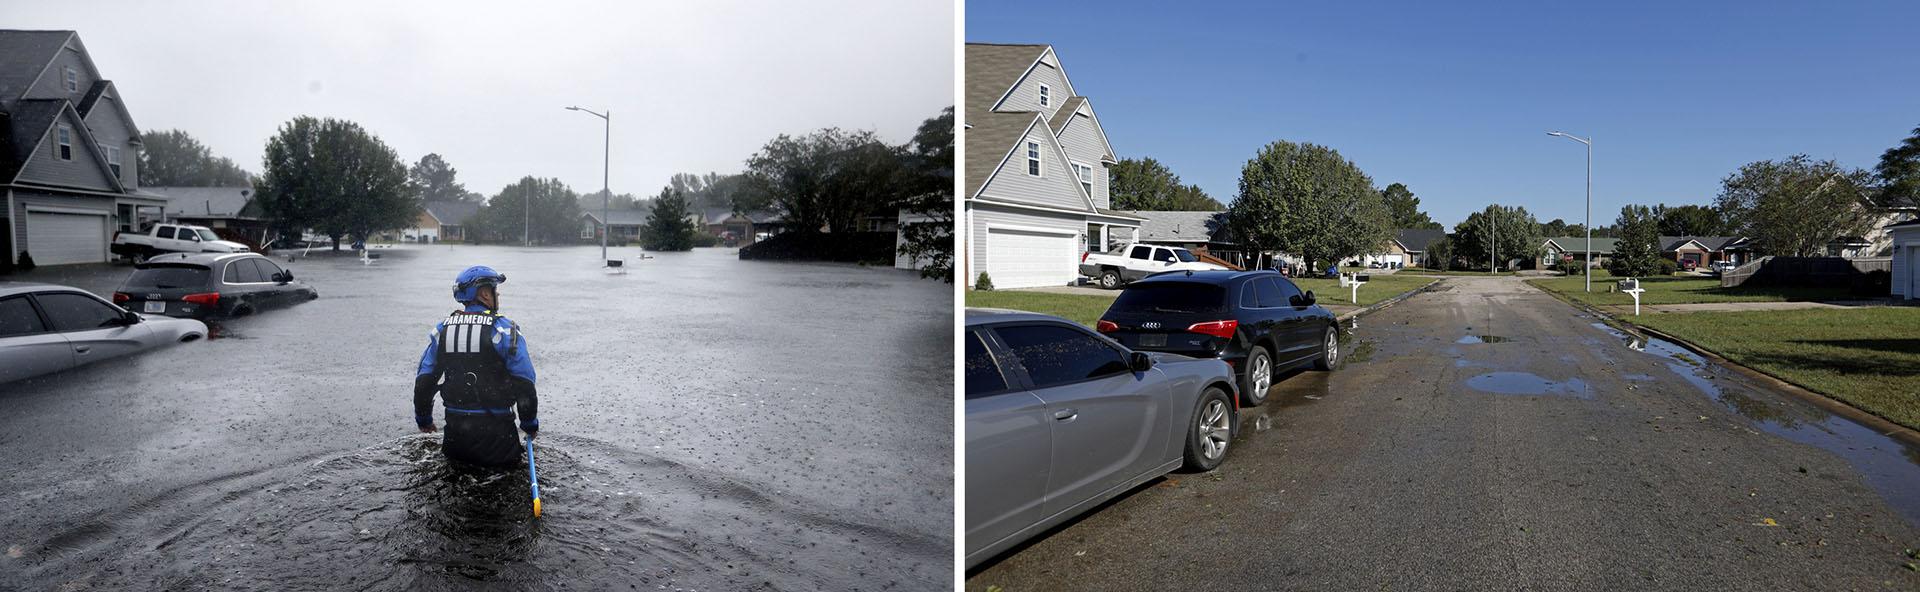 Esta combinación de fotografías muestra a un miembro del equipo urbano de búsqueda y rescate de la Fuerza Especial de Carolina del Norte en una zona inundada el 16 de septiembre de 2018, a la izquierda, y después, el 19 de septiembre, a la derecha, cuando la anegación había desaparecido tras el paso del huracán Florence en Fayetteville, en el estado. (AP Fotos/David Goldman)